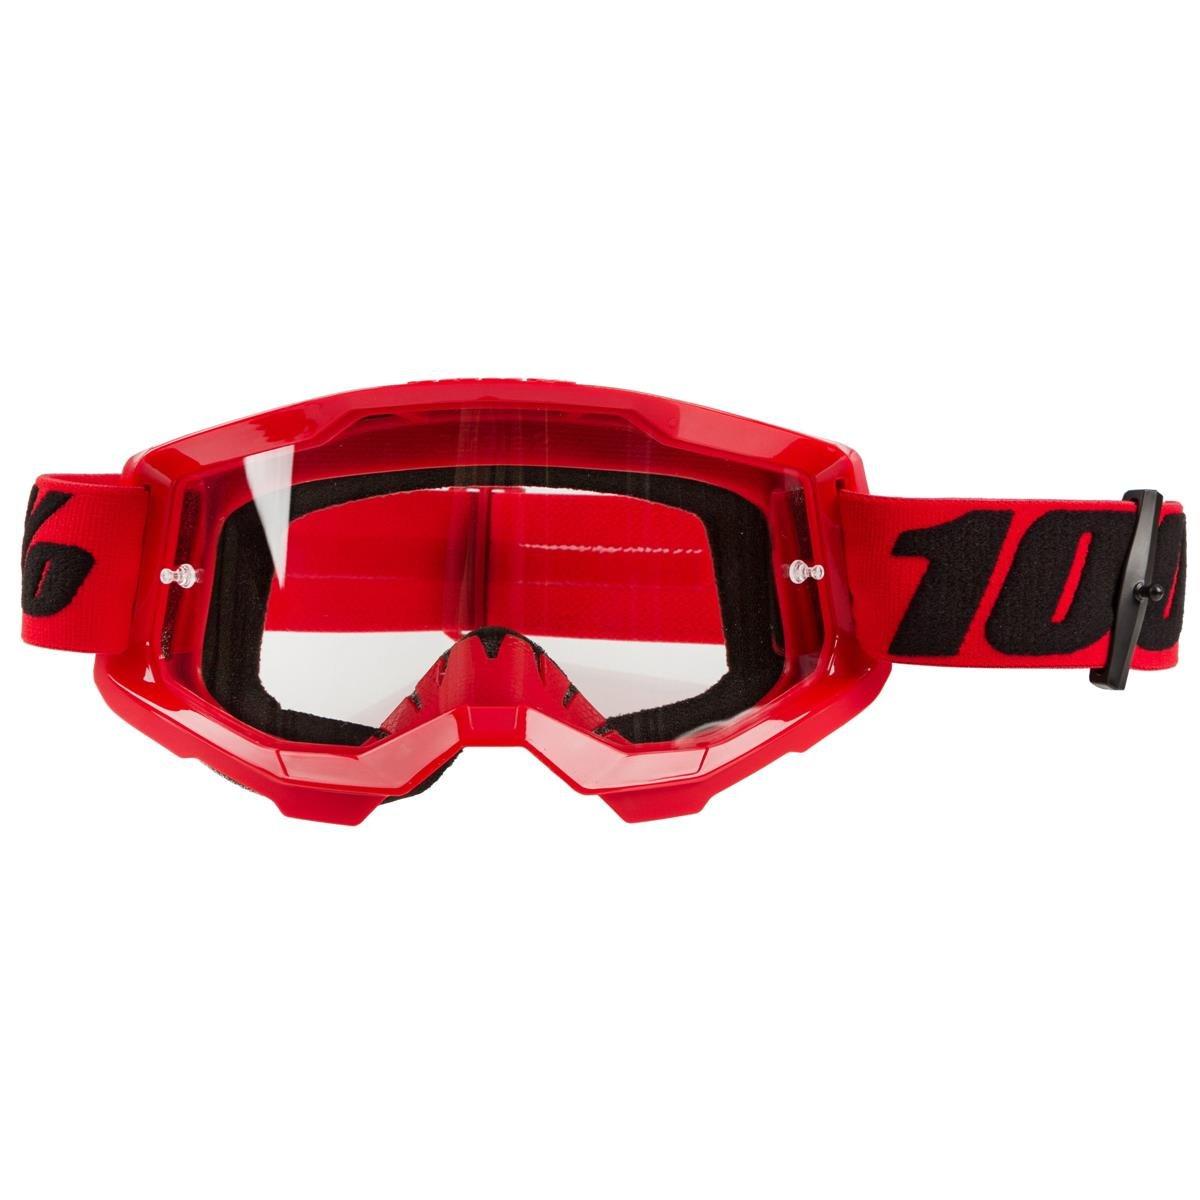 Oculos-para-Ciclismo-100--Strata-2-Goggle-Vermelho-UV400---10174--1-